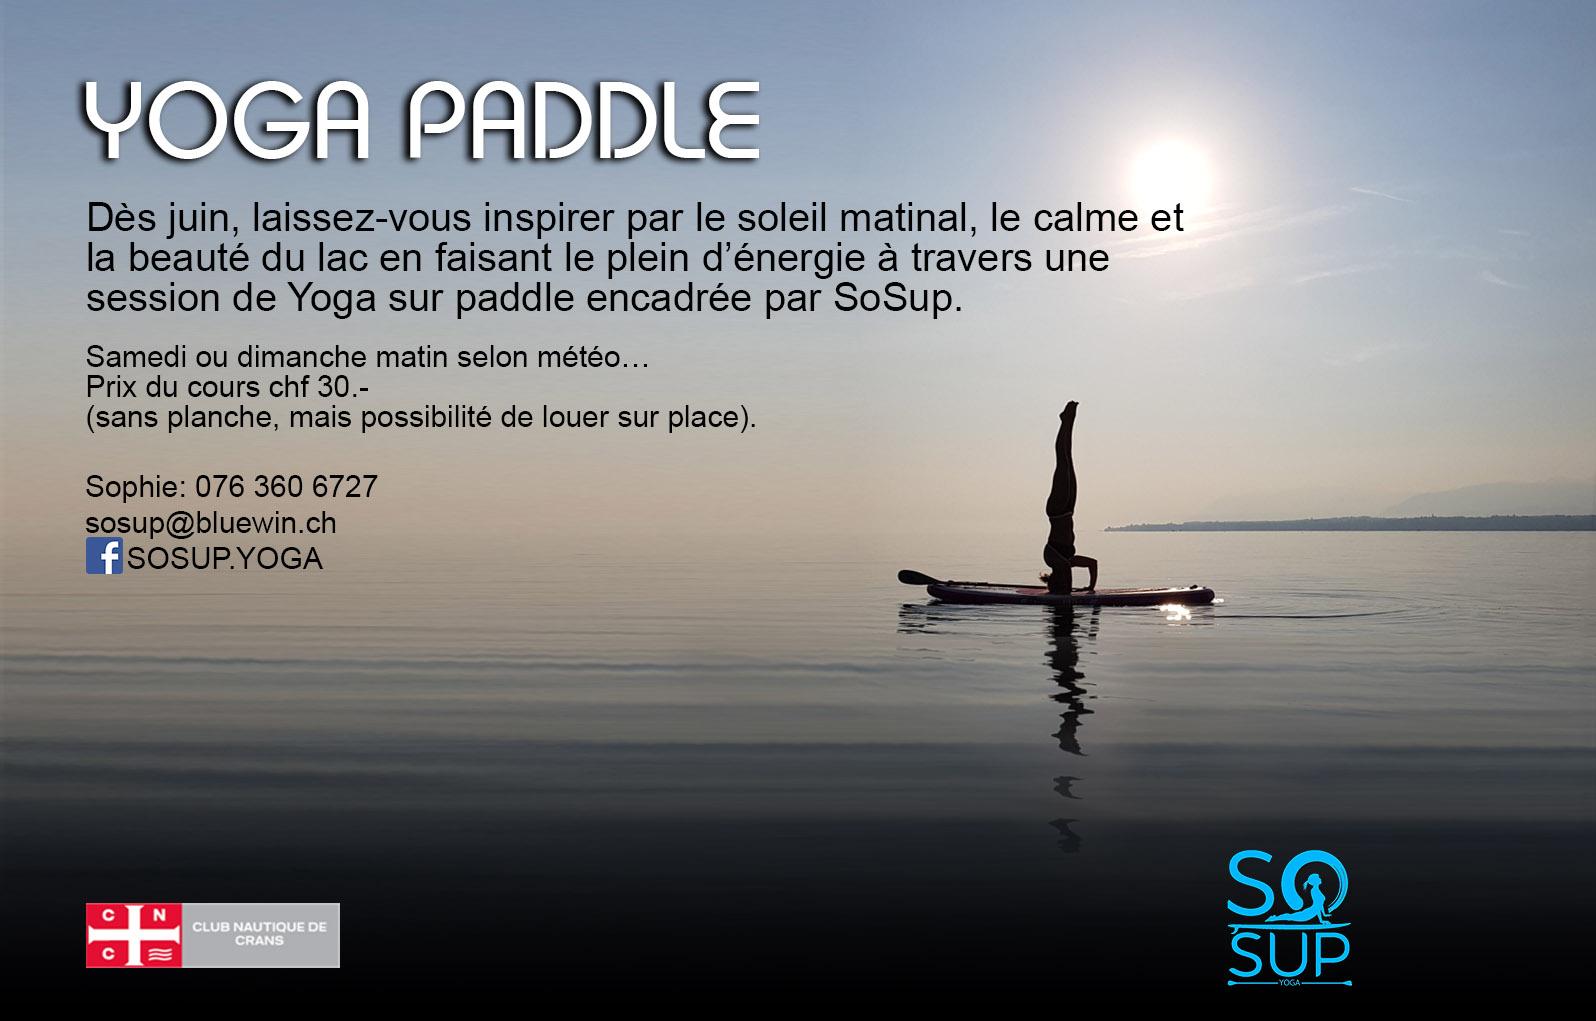 Cours de Yoga - Paddle